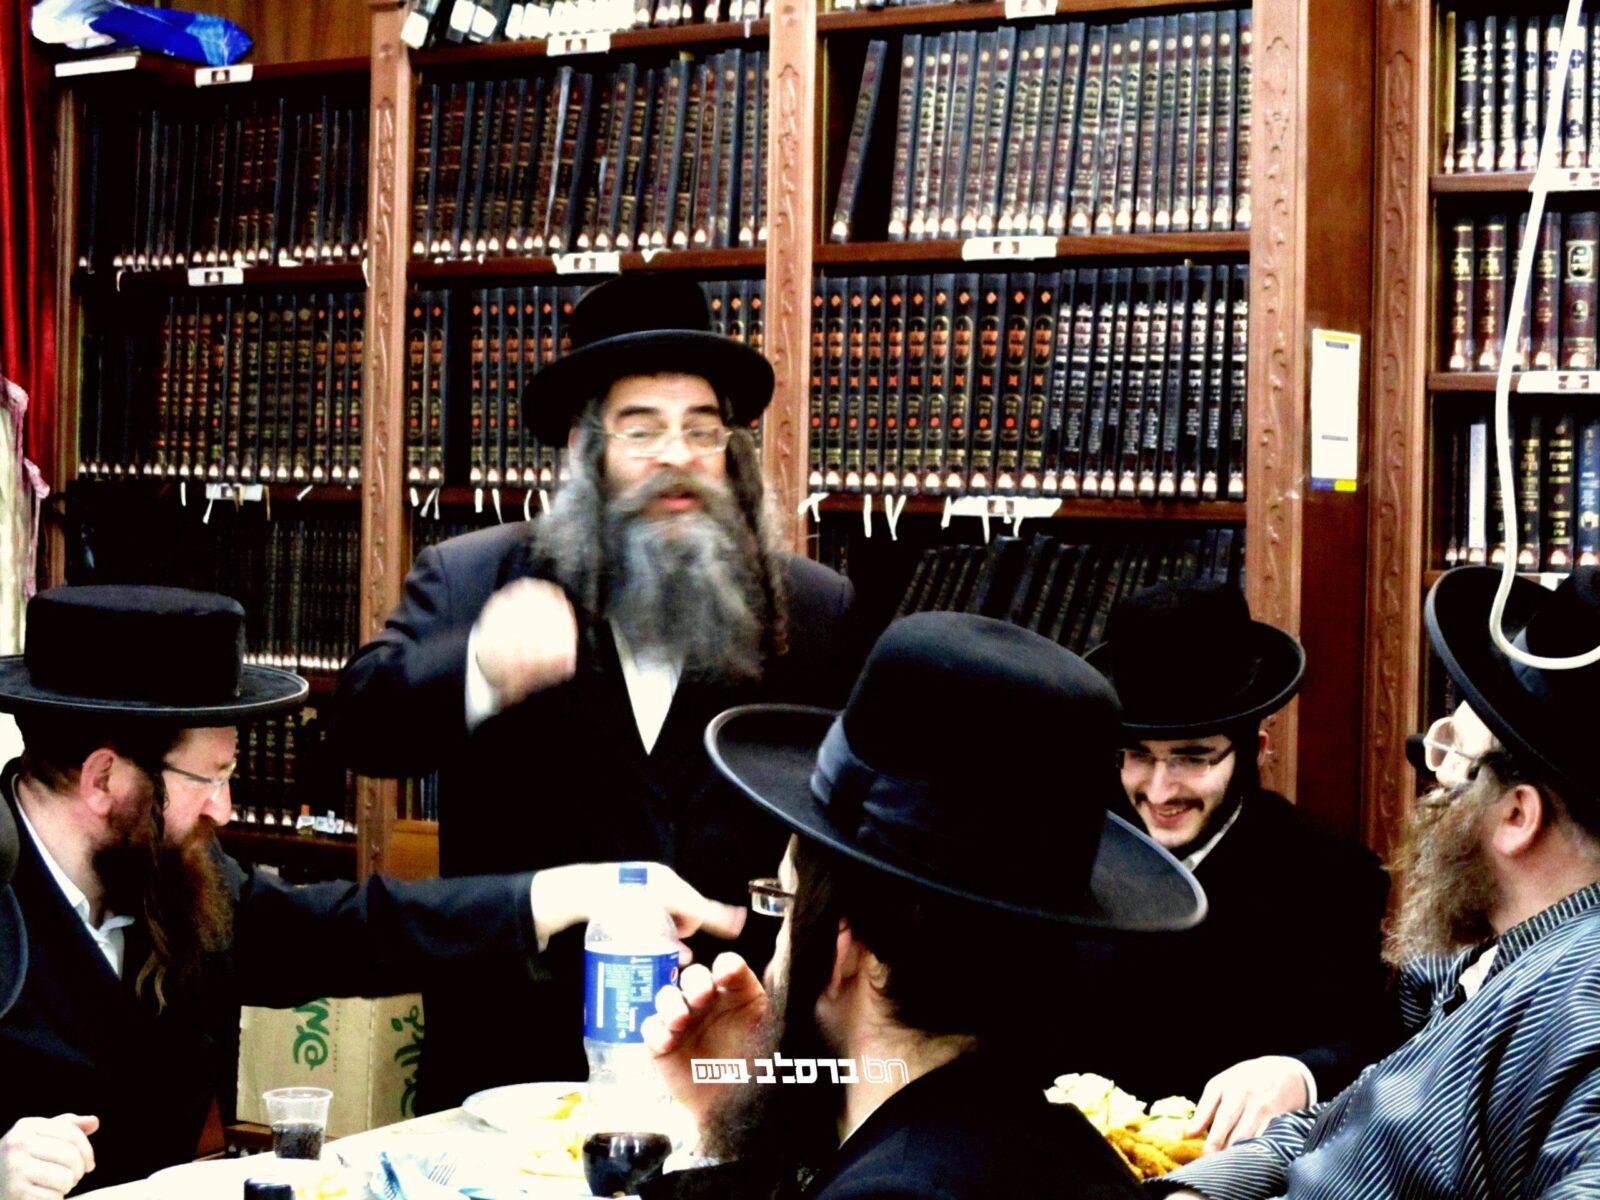 יומא טבא • עדכון מהיכל 'מרבה תורה' שבבית הכנסת הגדול שבירושלים ה'שול'